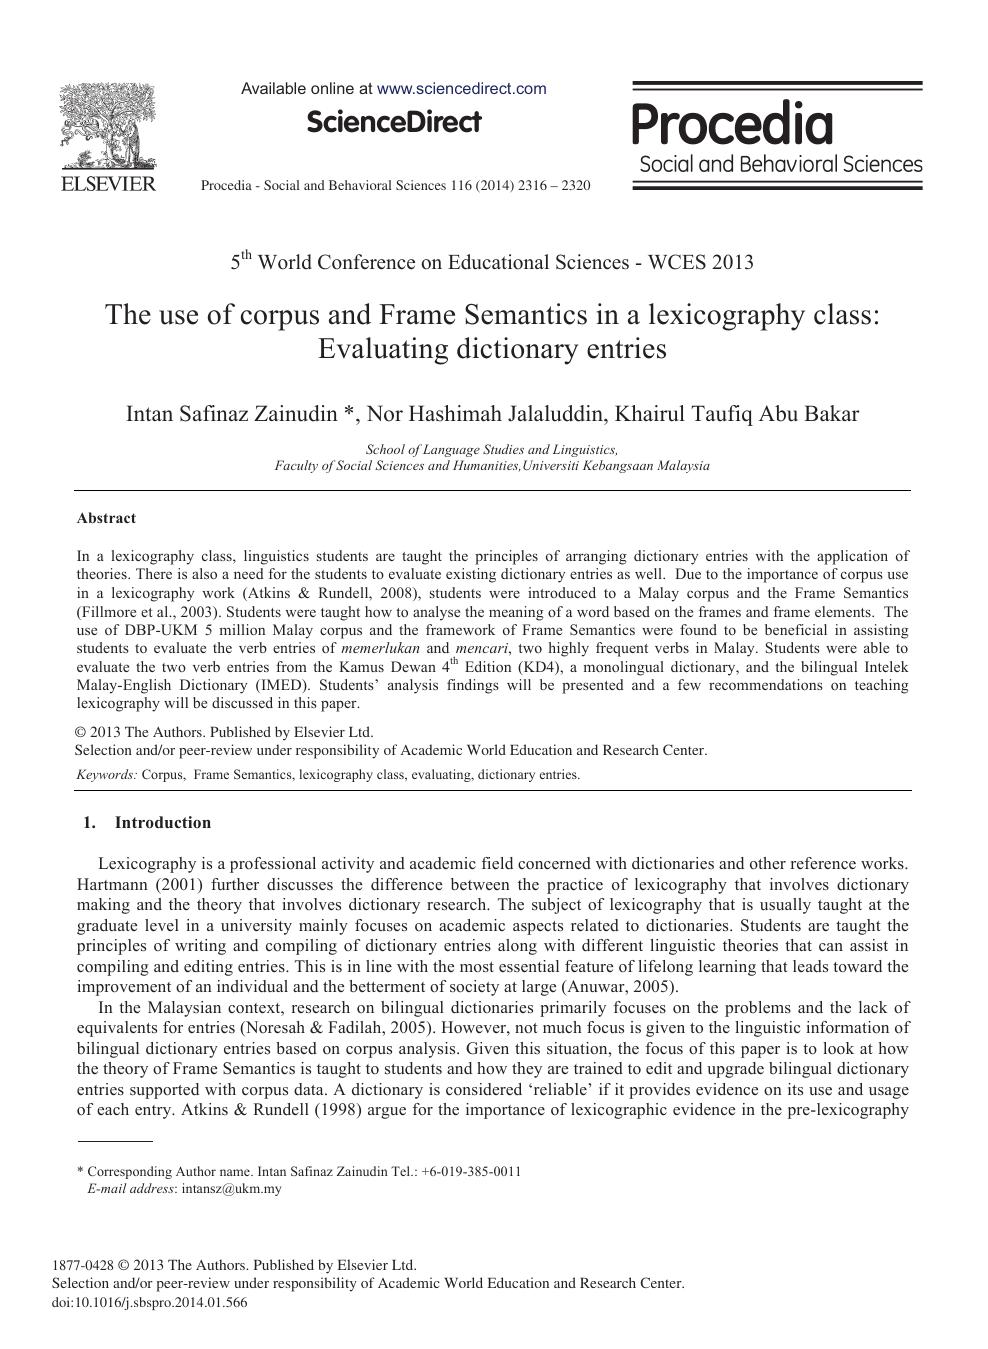 Kamus ebook download bahasa intelektual